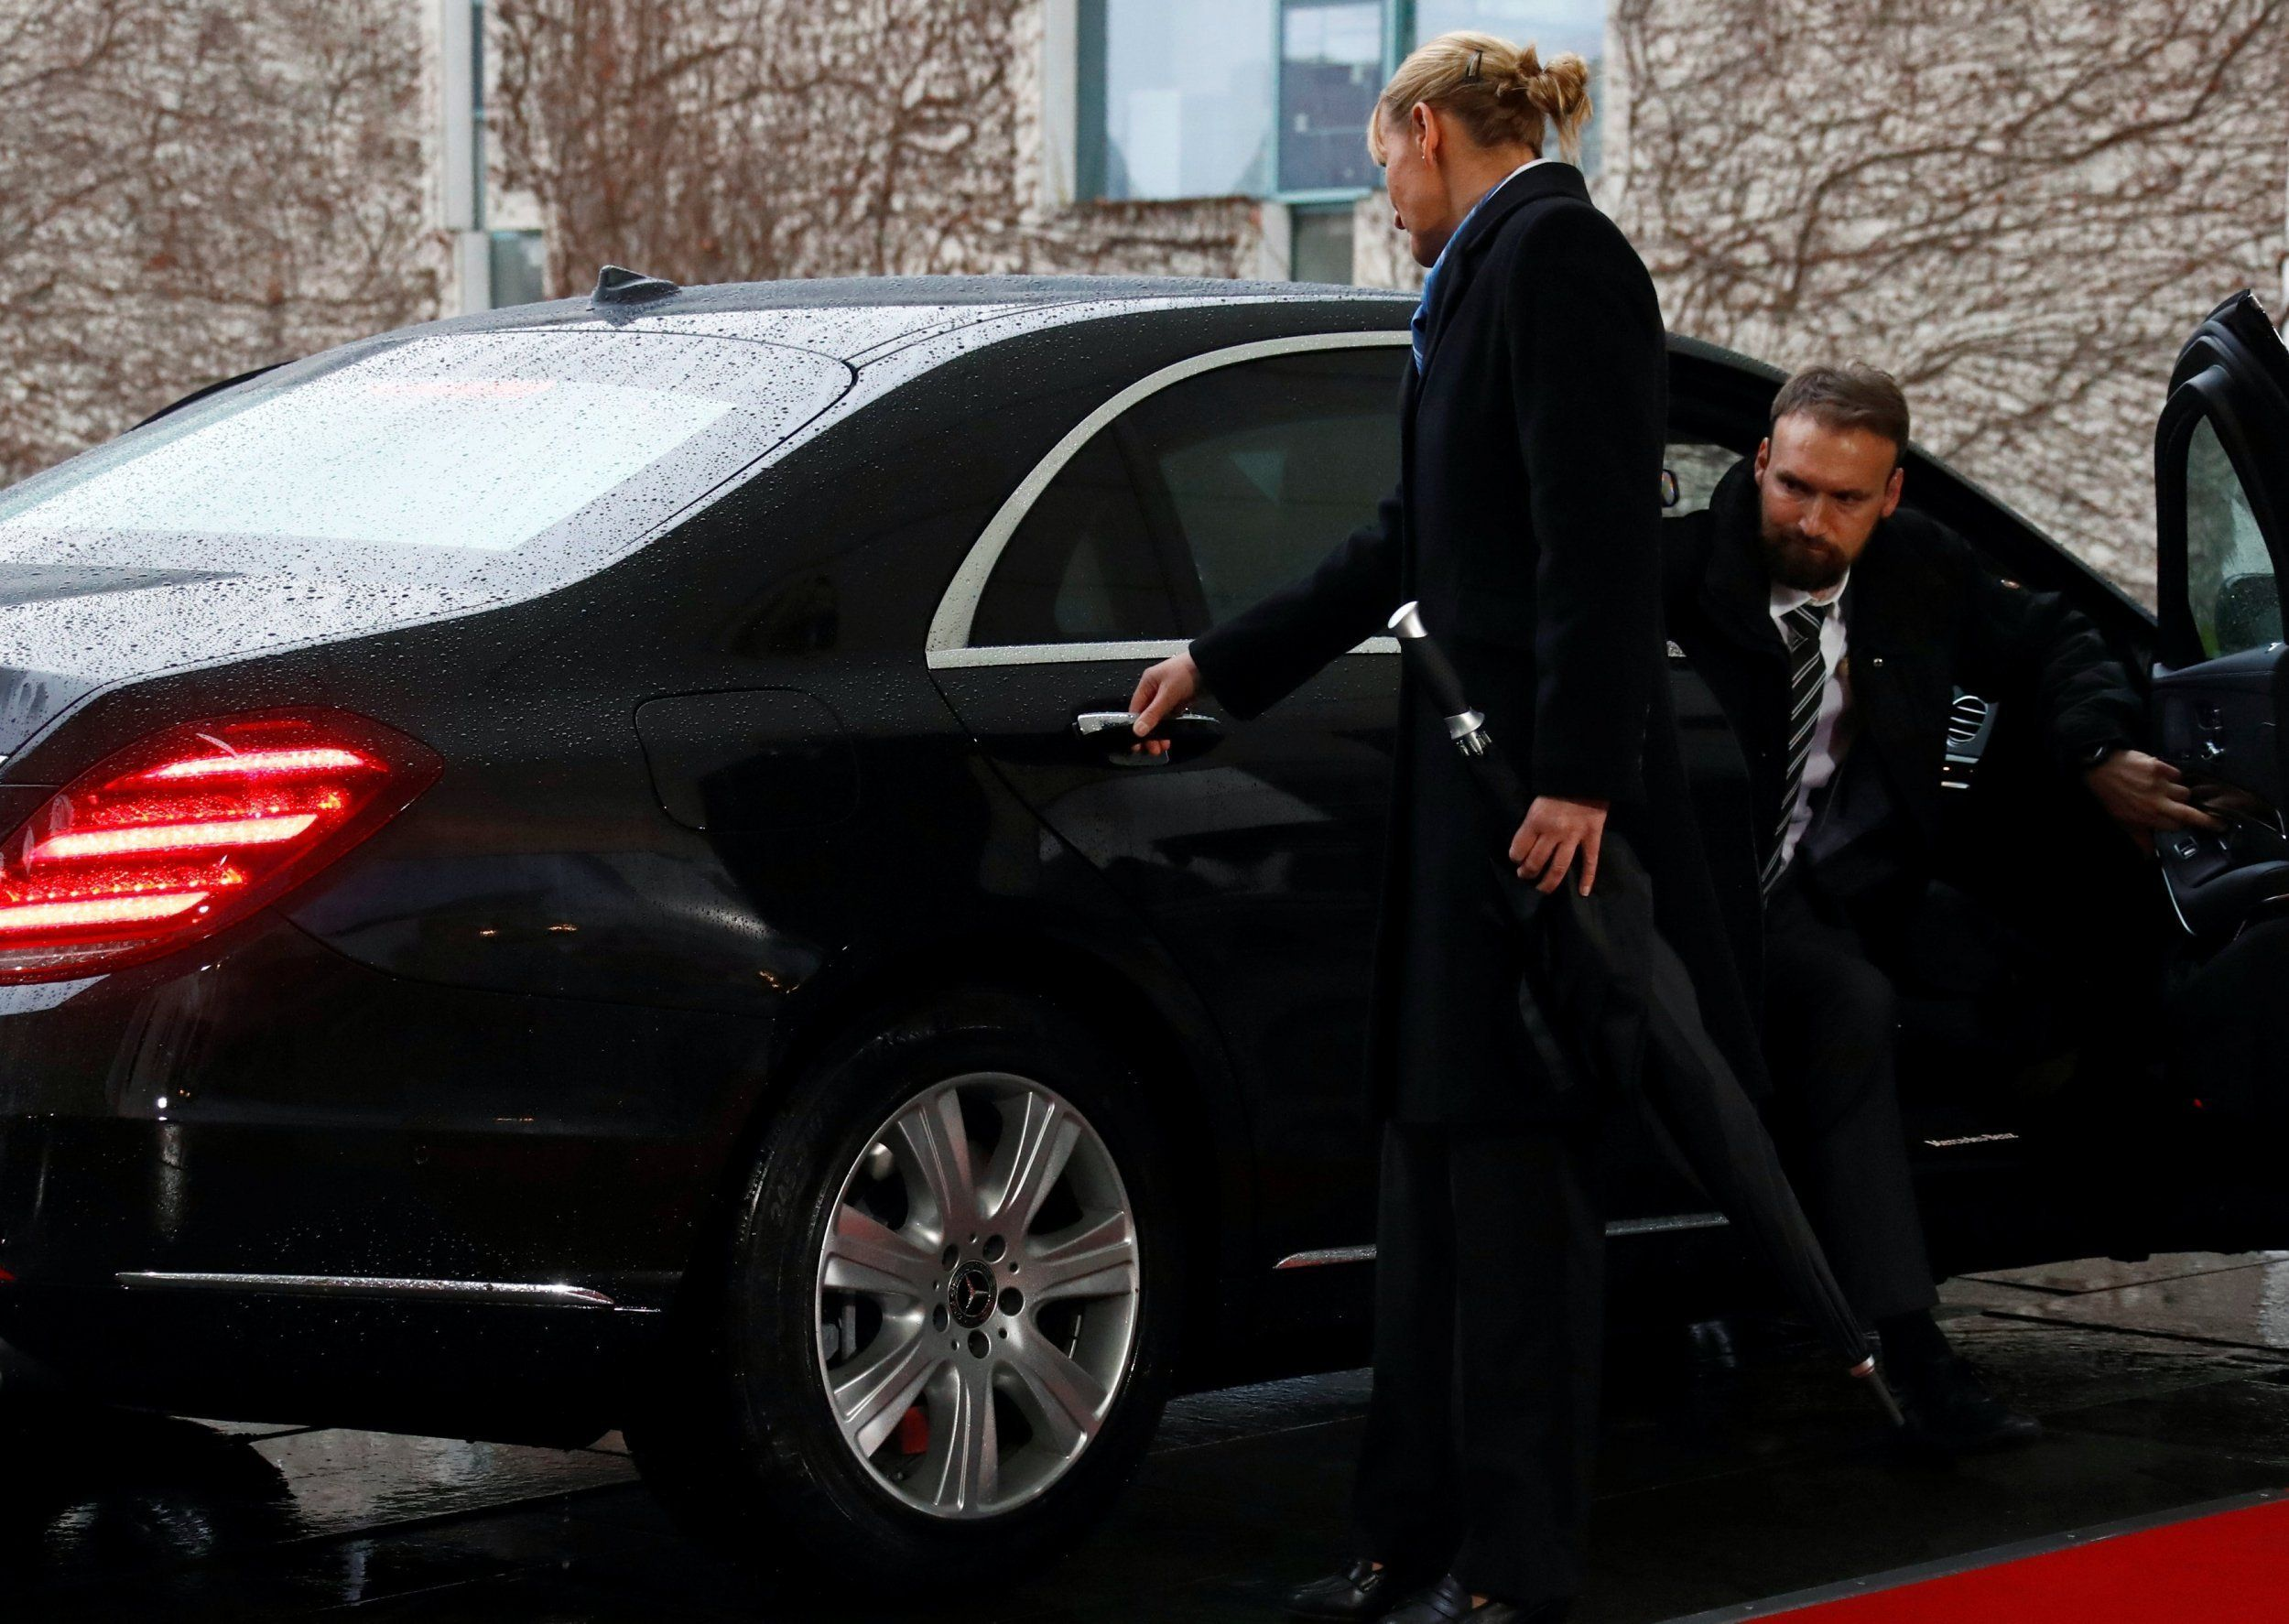 Όλα τα EXIT δύσκολα - Η Μέι κλειδώθηκε στο αυτοκίνητό της πριν τη συνάντηση με τη